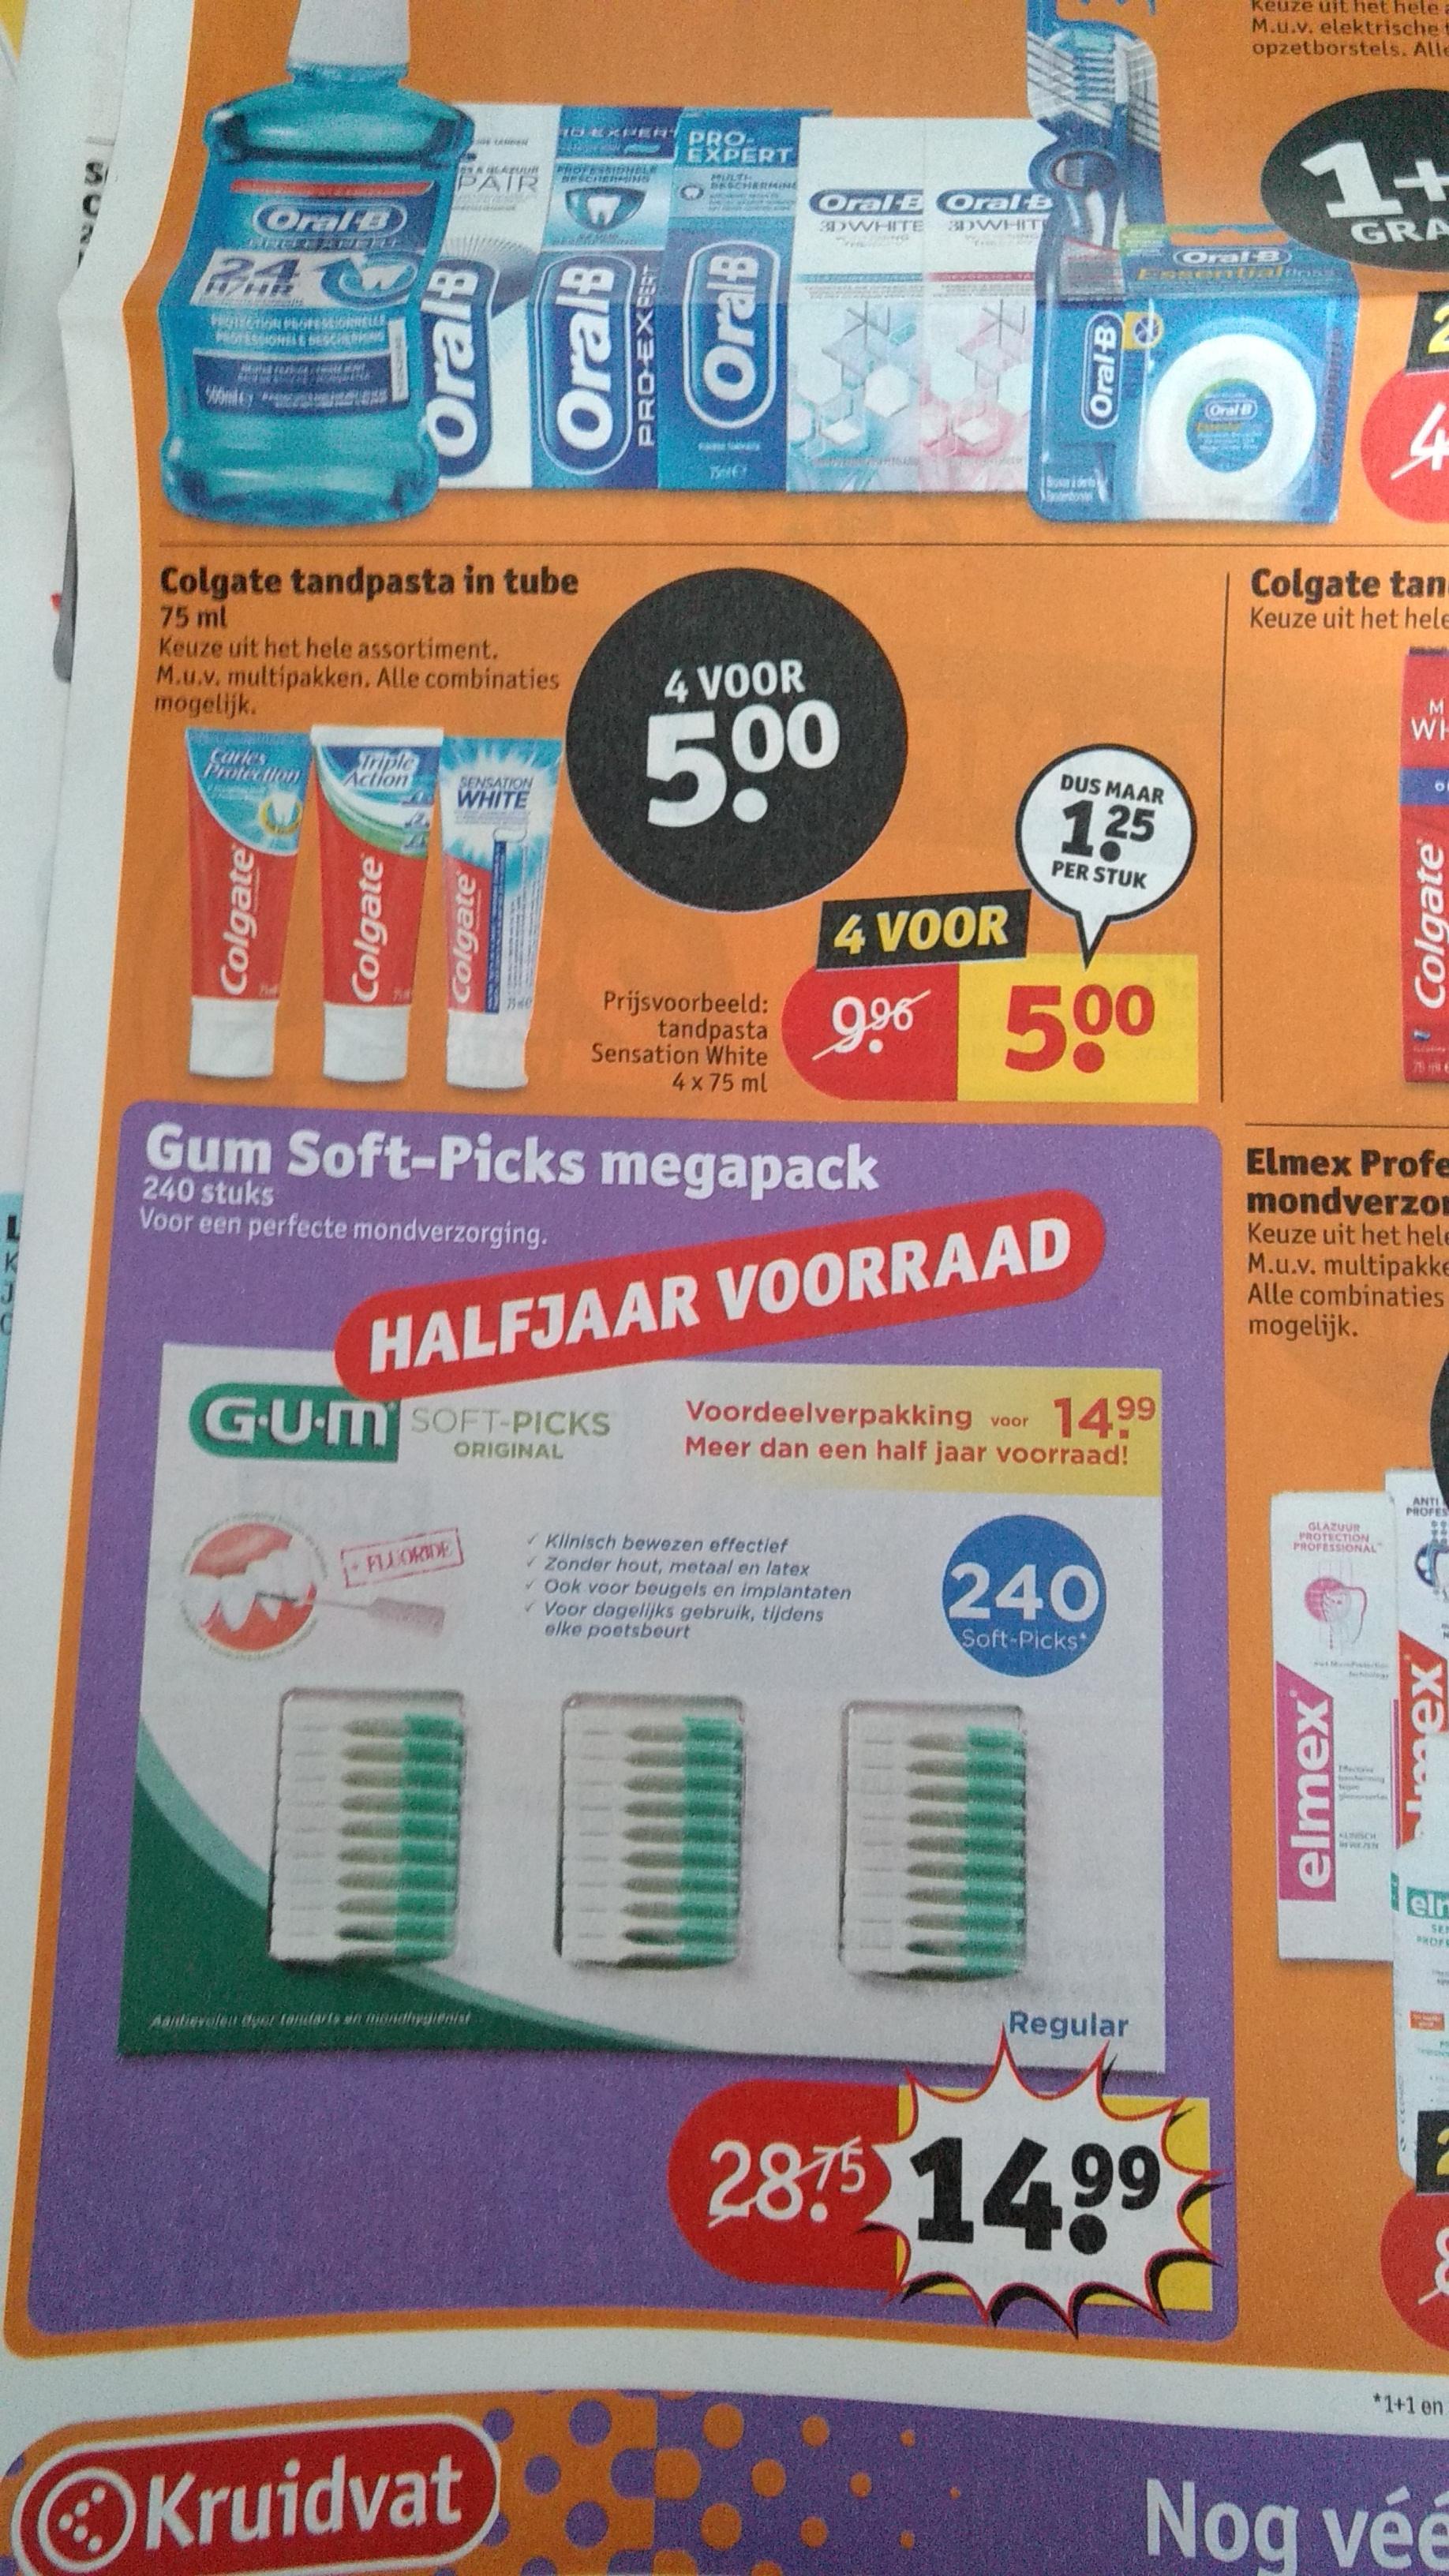 Gum soft-picks halfjaar voorraad megapack